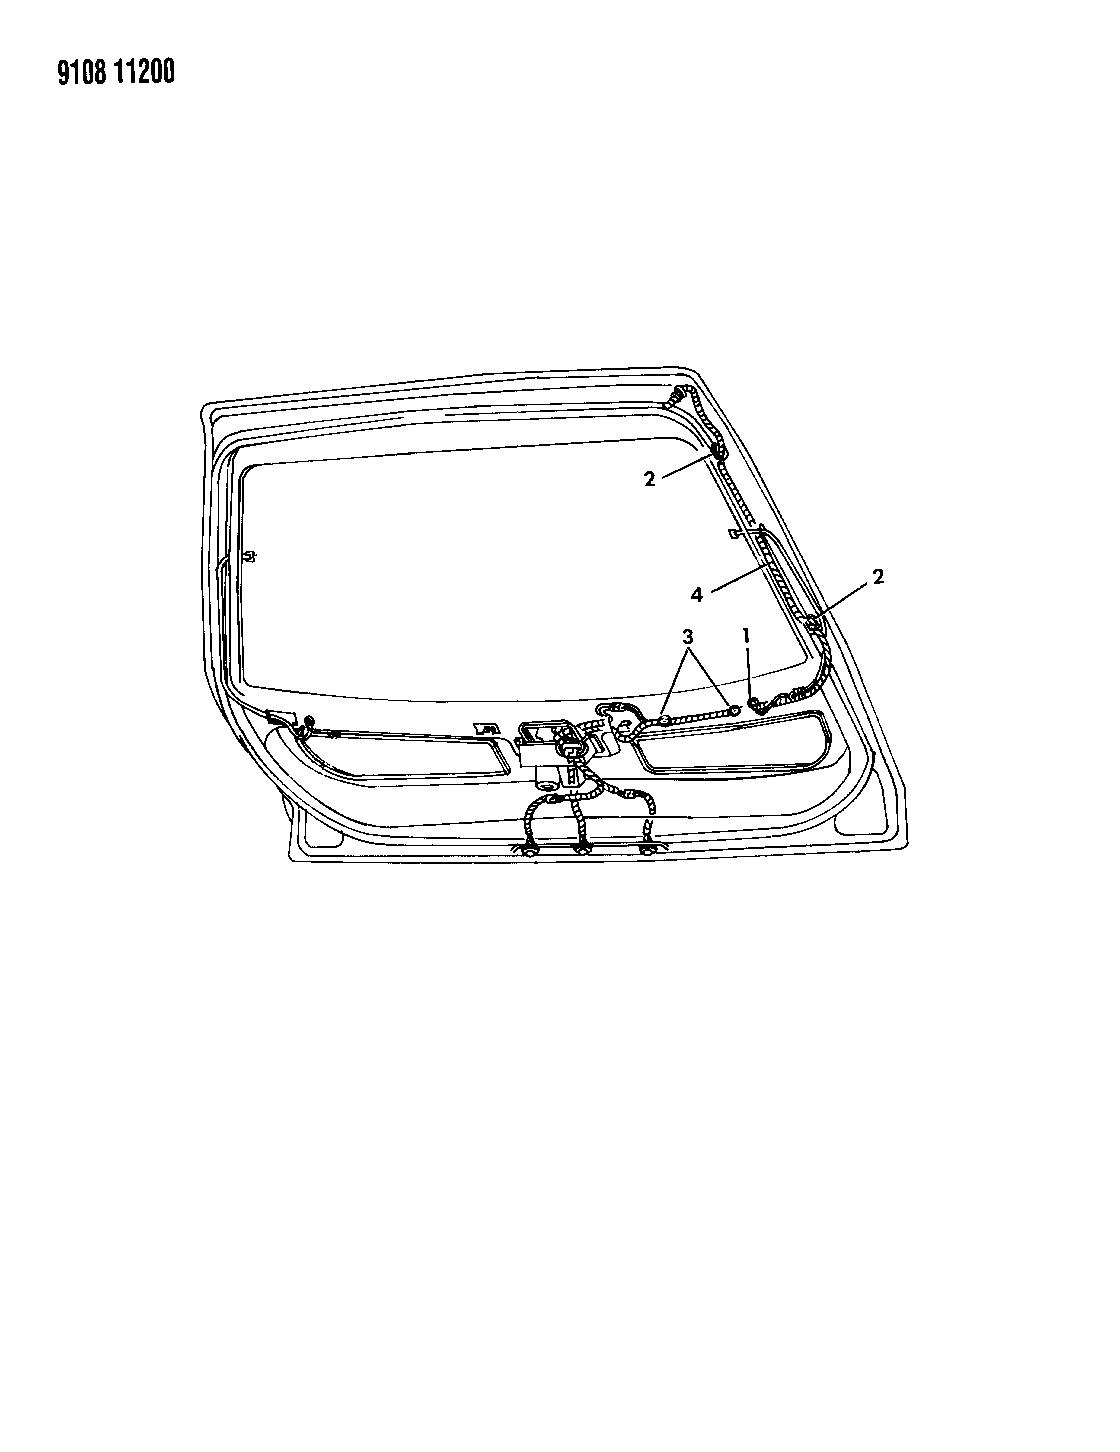 1985 Chrysler Lebaron Wiring Diagram